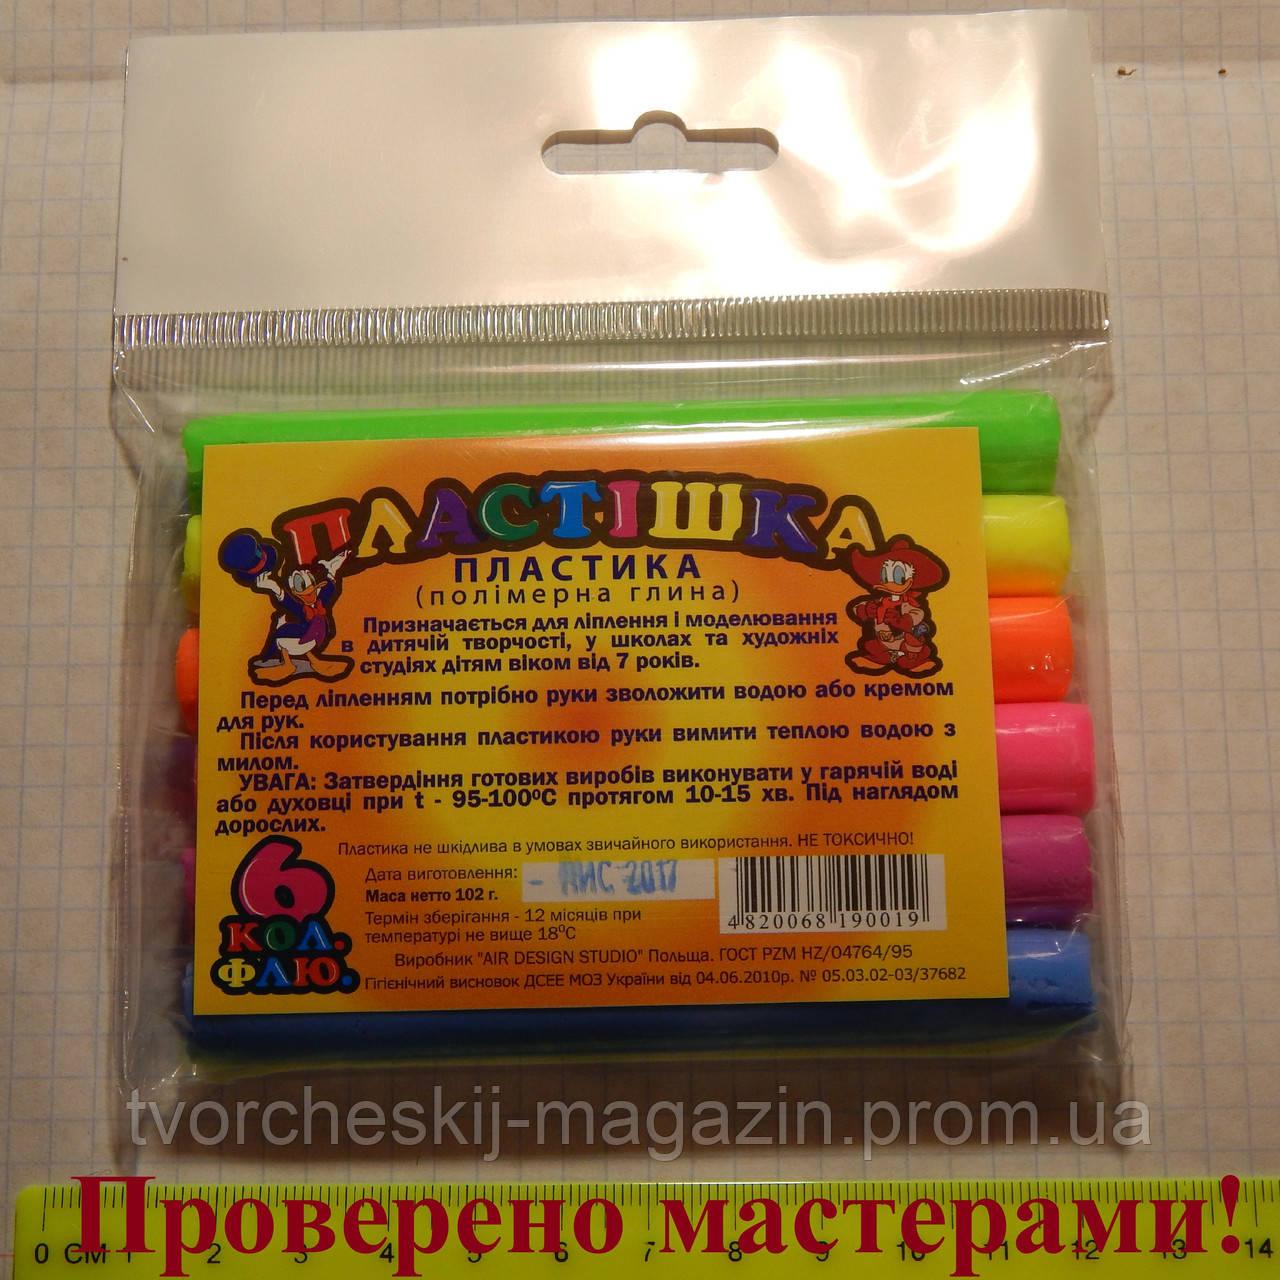 Полимерная глина Пластишка Набор 6 цветов флуоресцентных